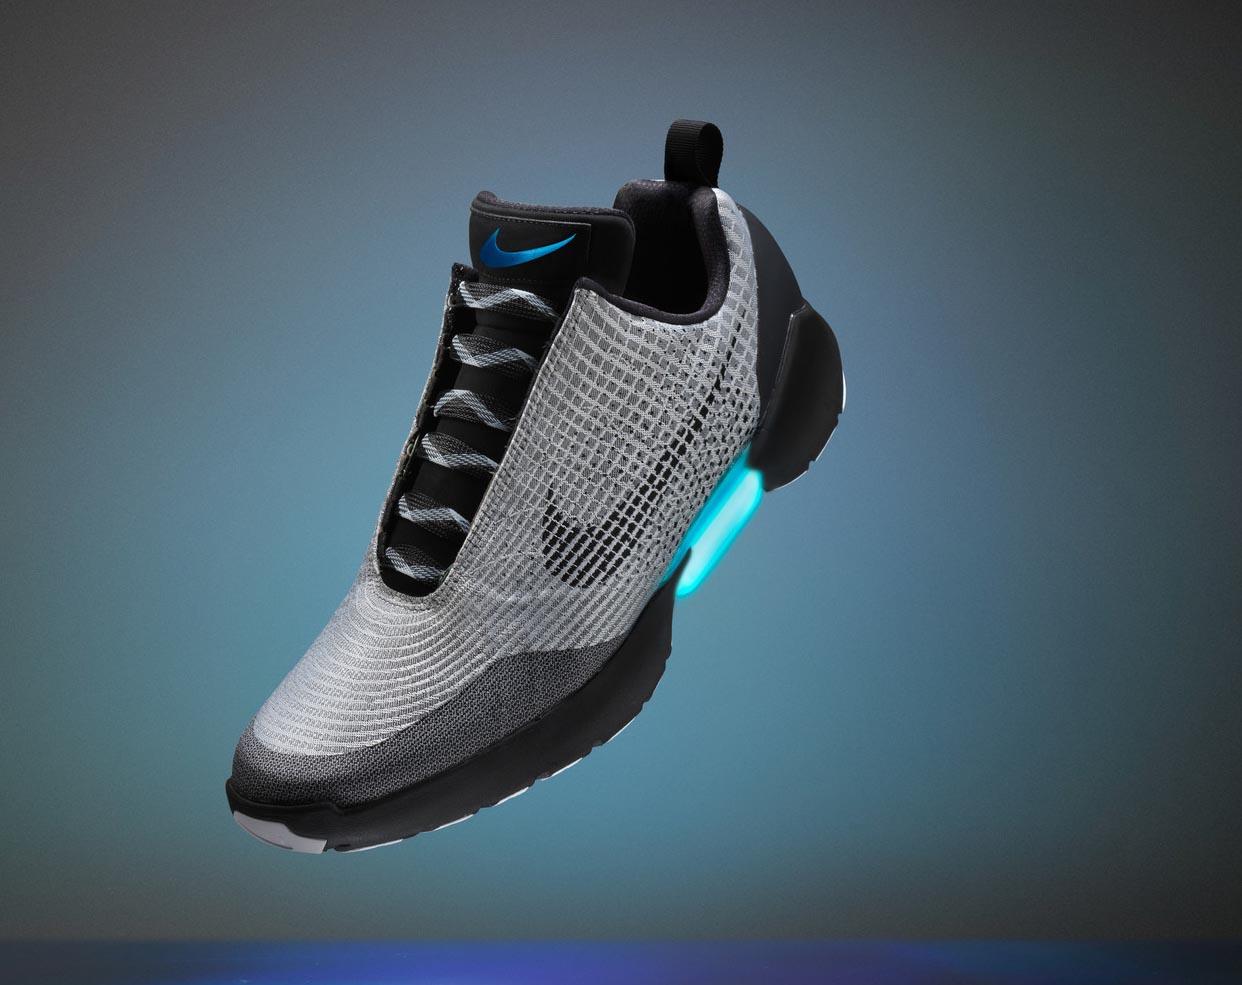 Nike de HyperAdaptAsí son las zapatillas de Nike Regreso al Futuro 322250